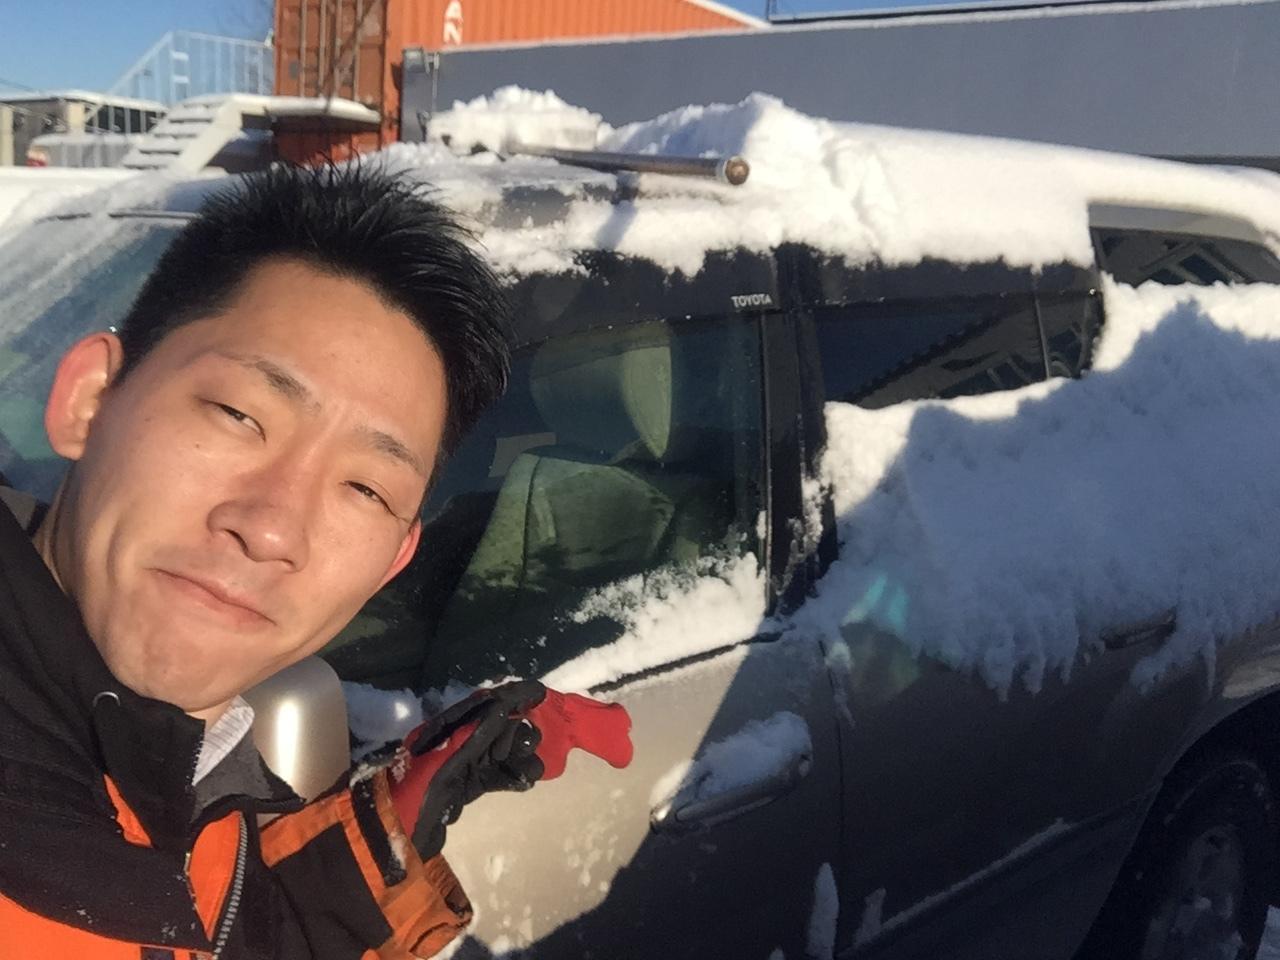 12月8日 金曜日のひとログ( 'ω' )ノ 本日大雪★TOMMY除雪機大活躍!!!除雪車リースも承り〼★_b0127002_19493699.jpg